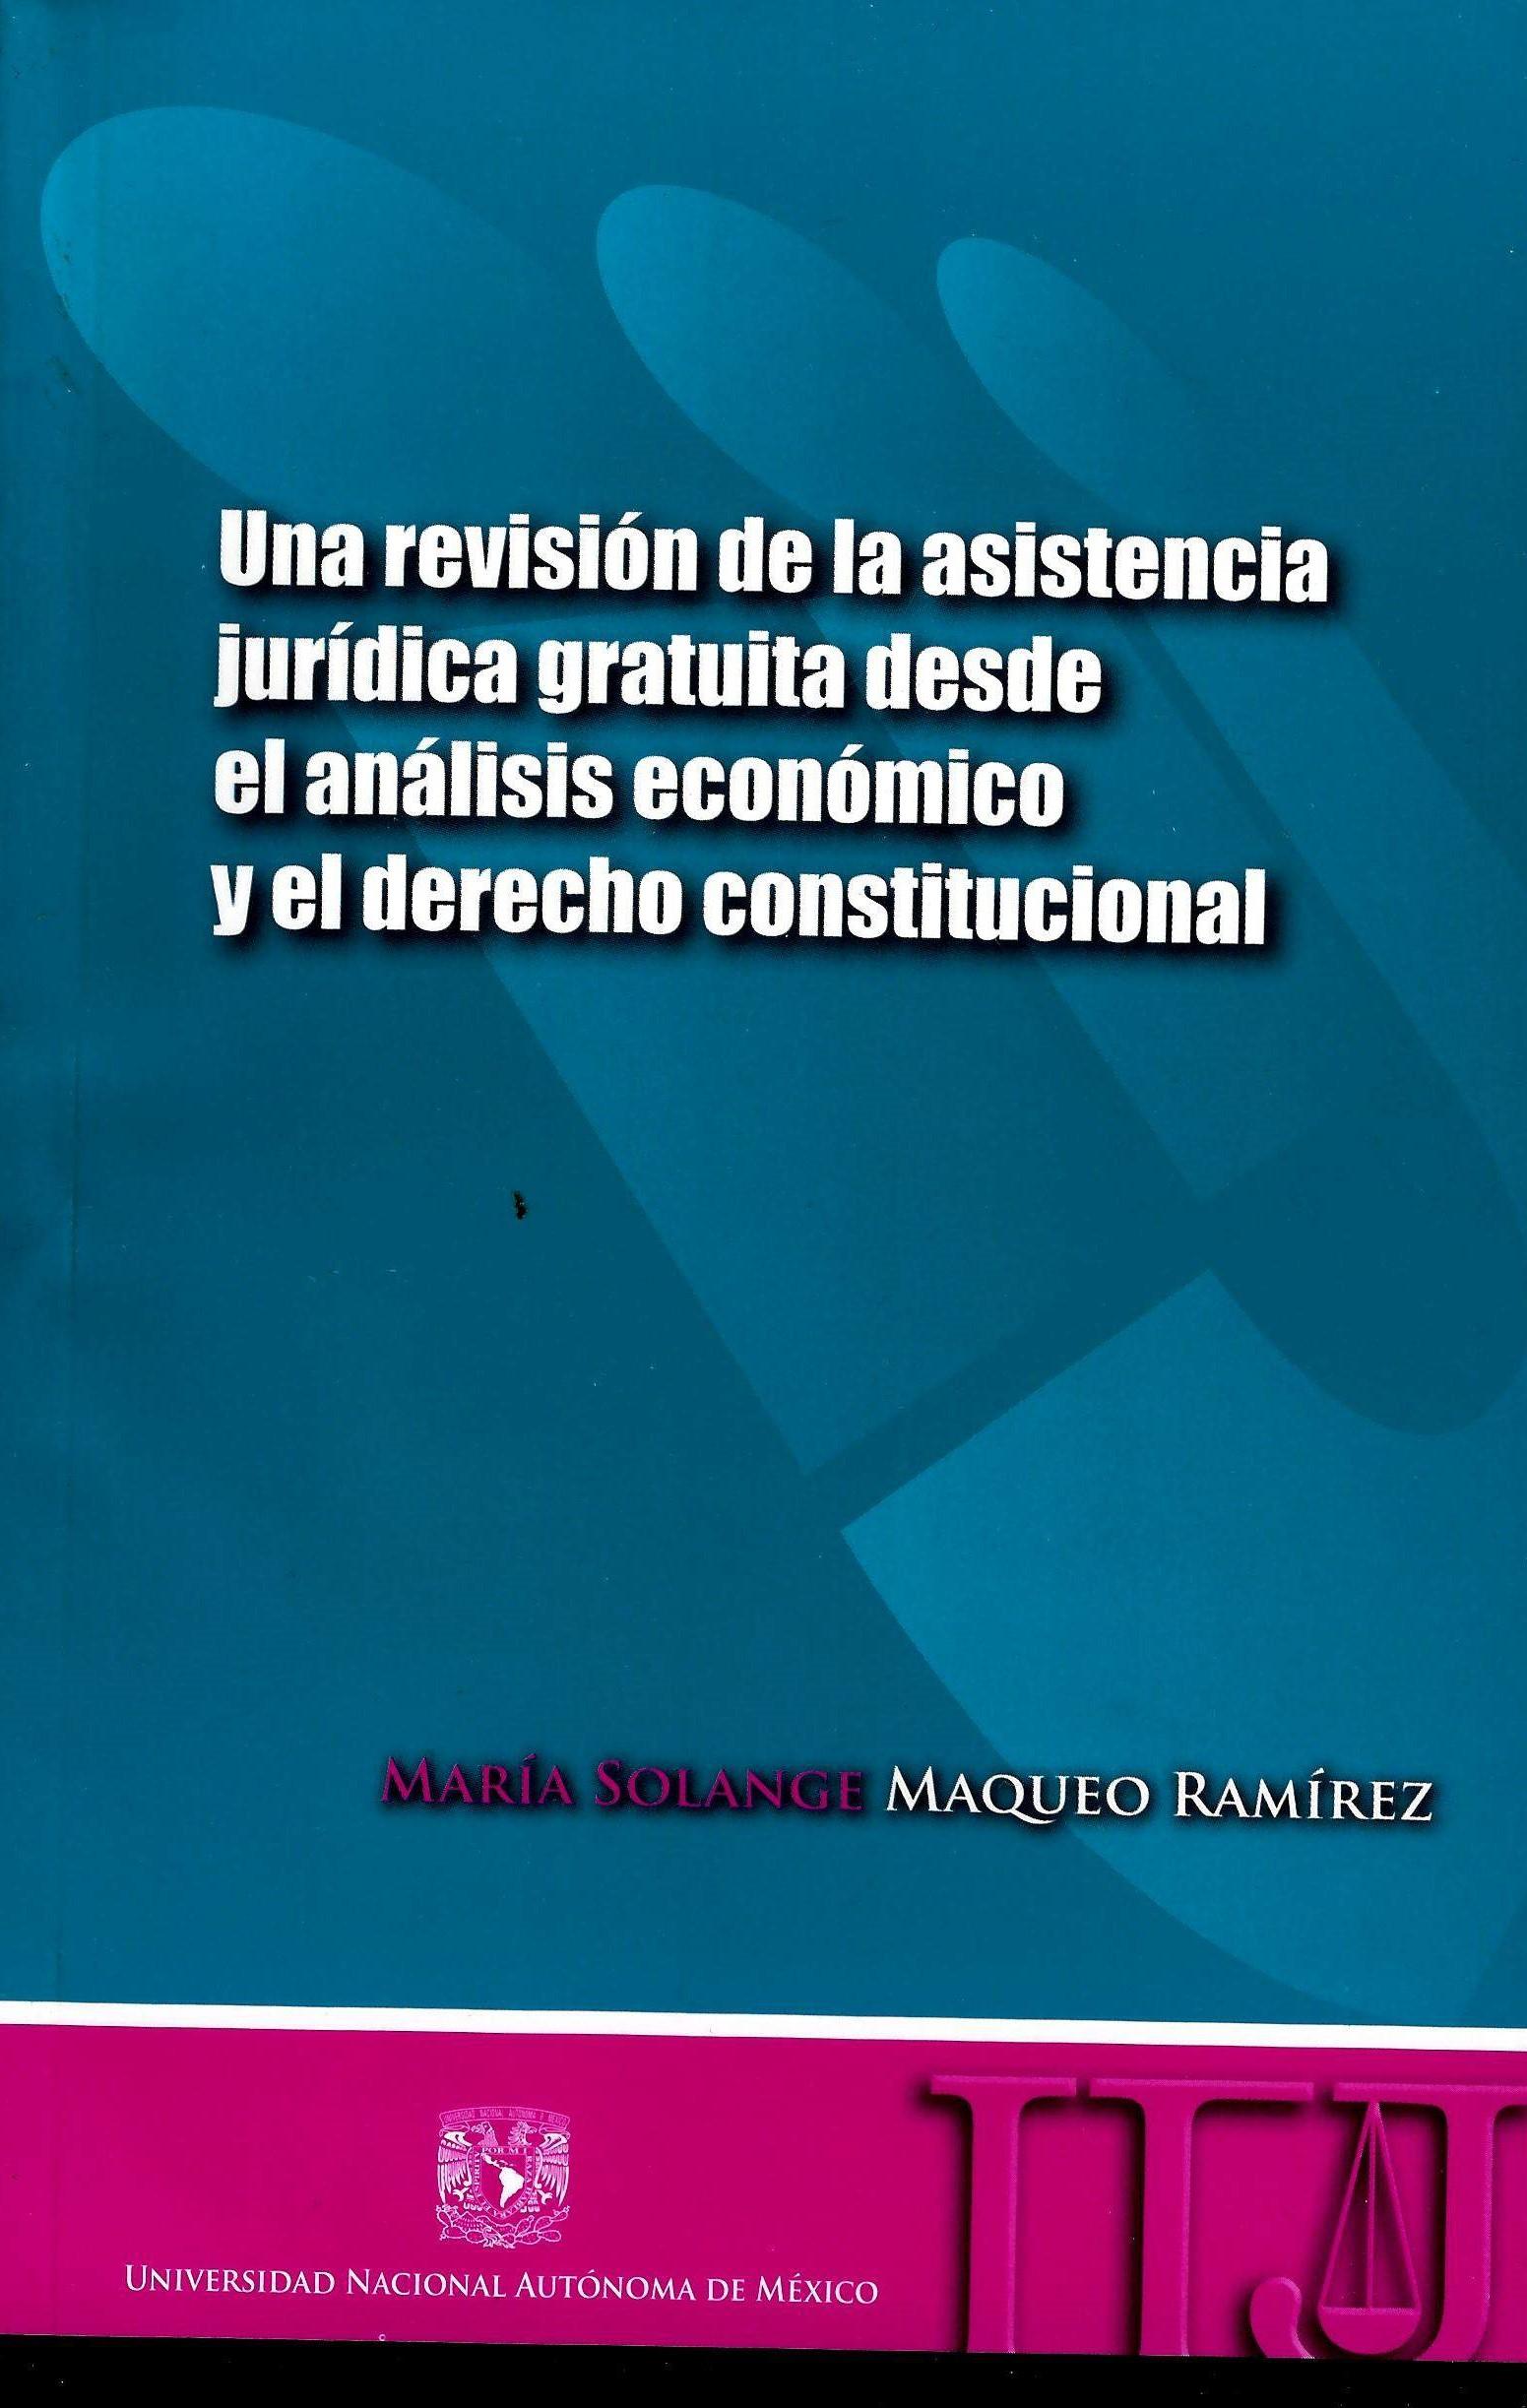 Una revisión de la asistencia jurídica gratuita desde el análisis económico y el derecho constitucinal